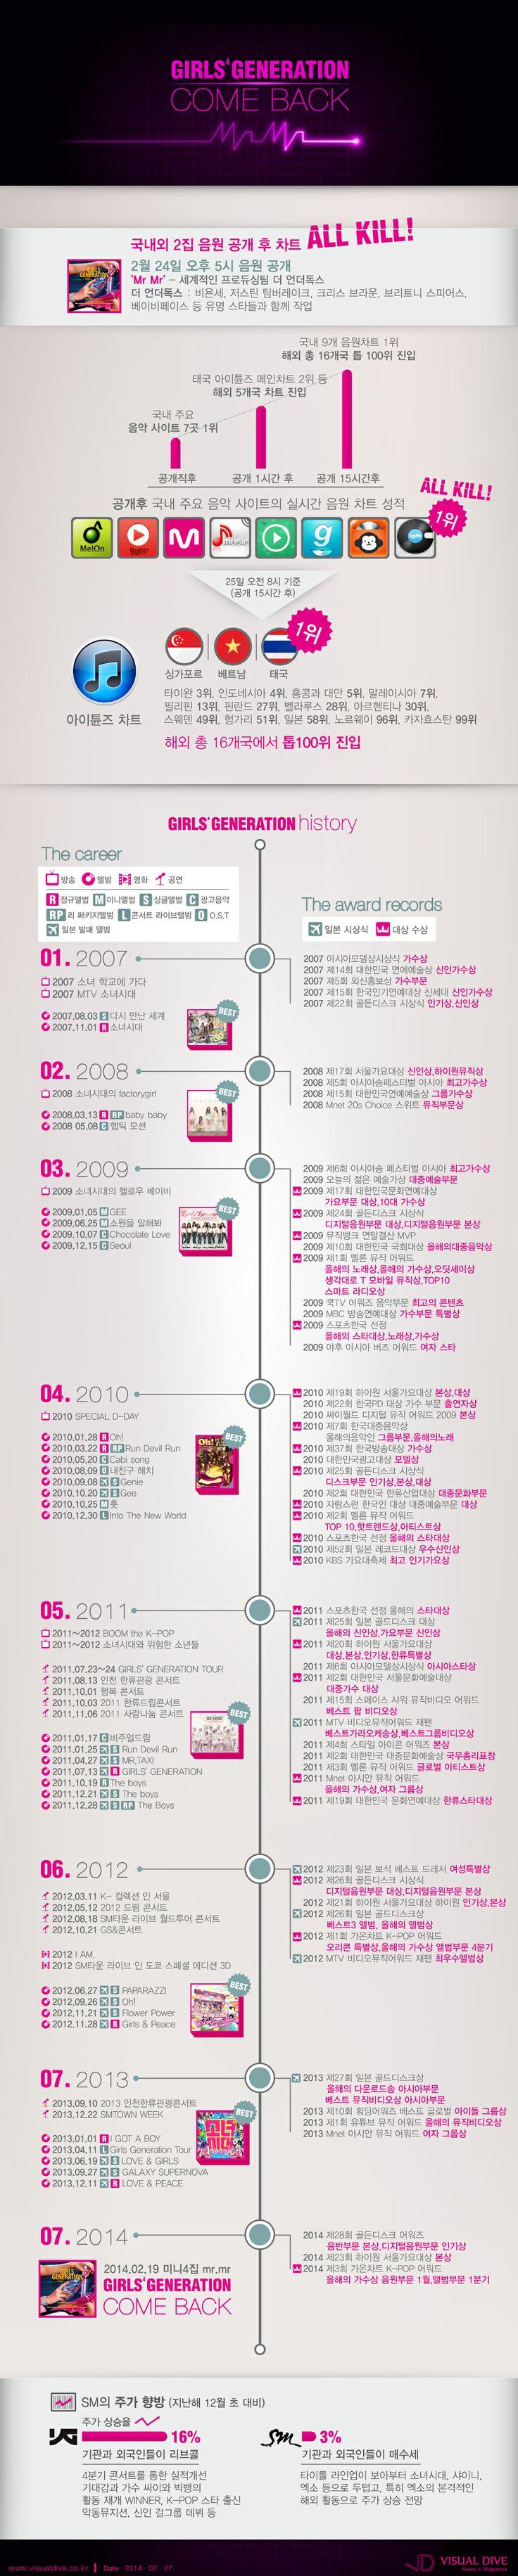 [인포그래픽] 소녀시대 'Mr.Mr.' 발매 후 싱가포르, 베트남, 태국 '1위' 석권 #mr.mr. / #Infographic ⓒ 비주얼다이브 무단 복사·전재·재배포 금지